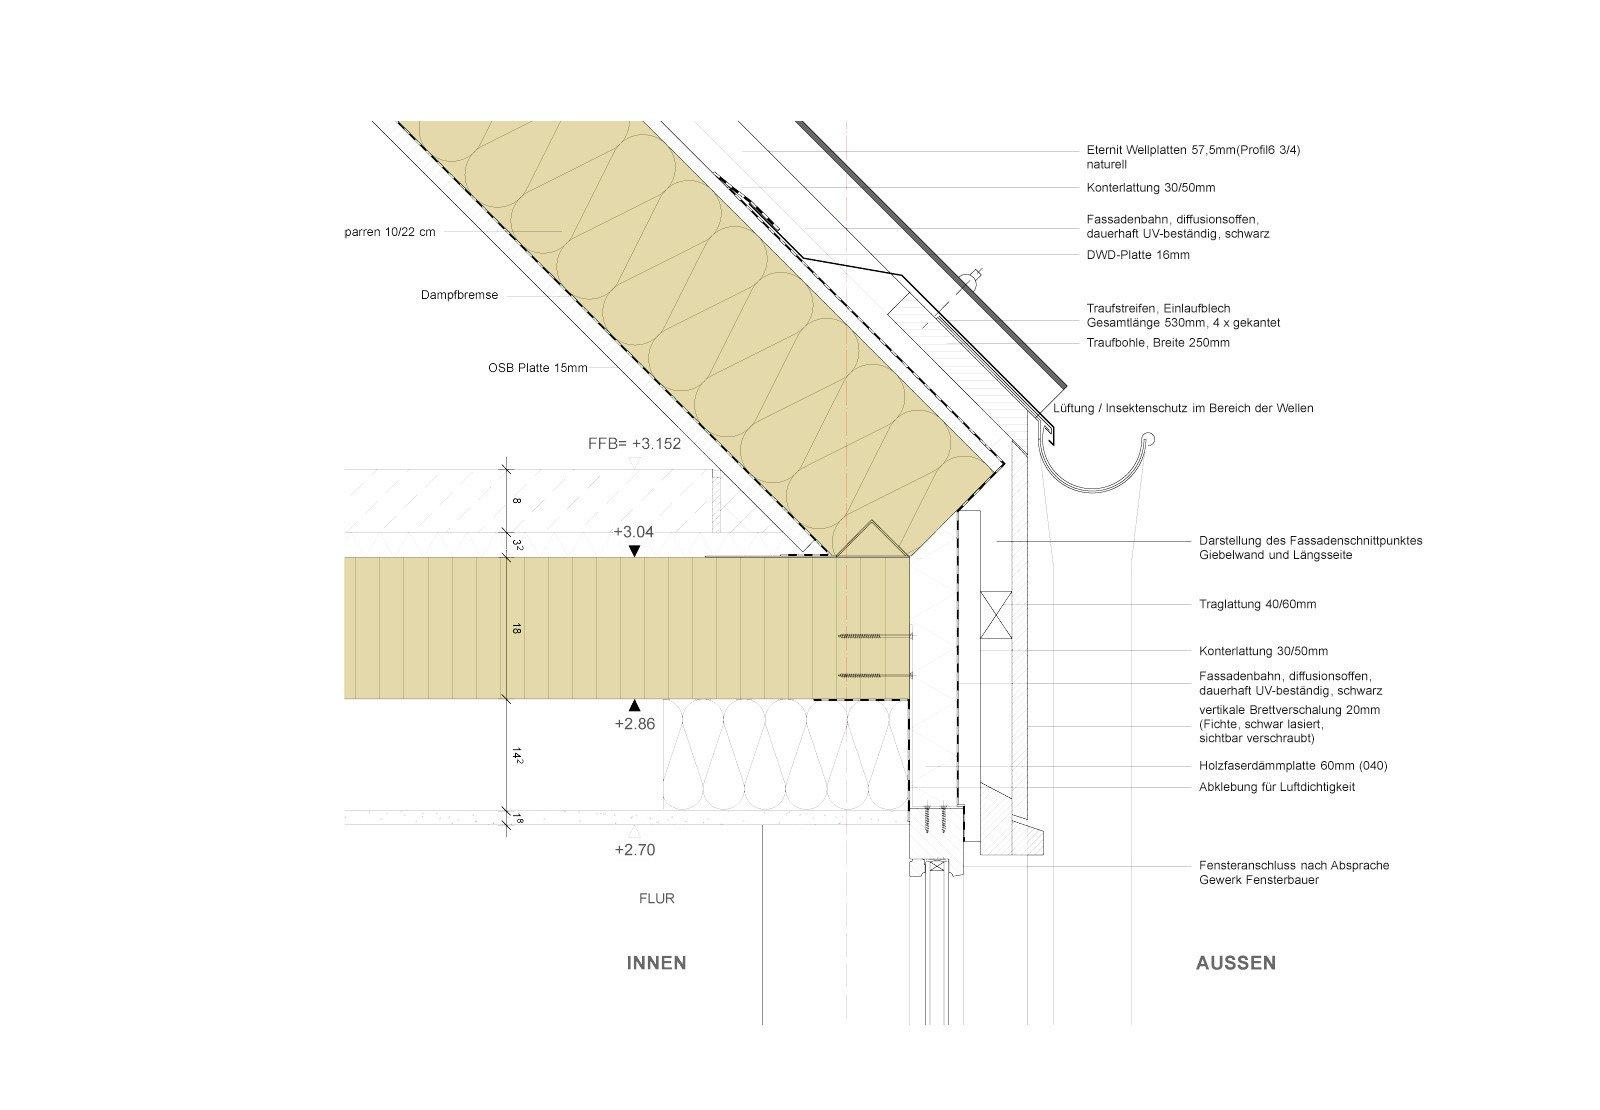 wohnhaus in ottweiler geneigtes dach wohnen baunetz. Black Bedroom Furniture Sets. Home Design Ideas